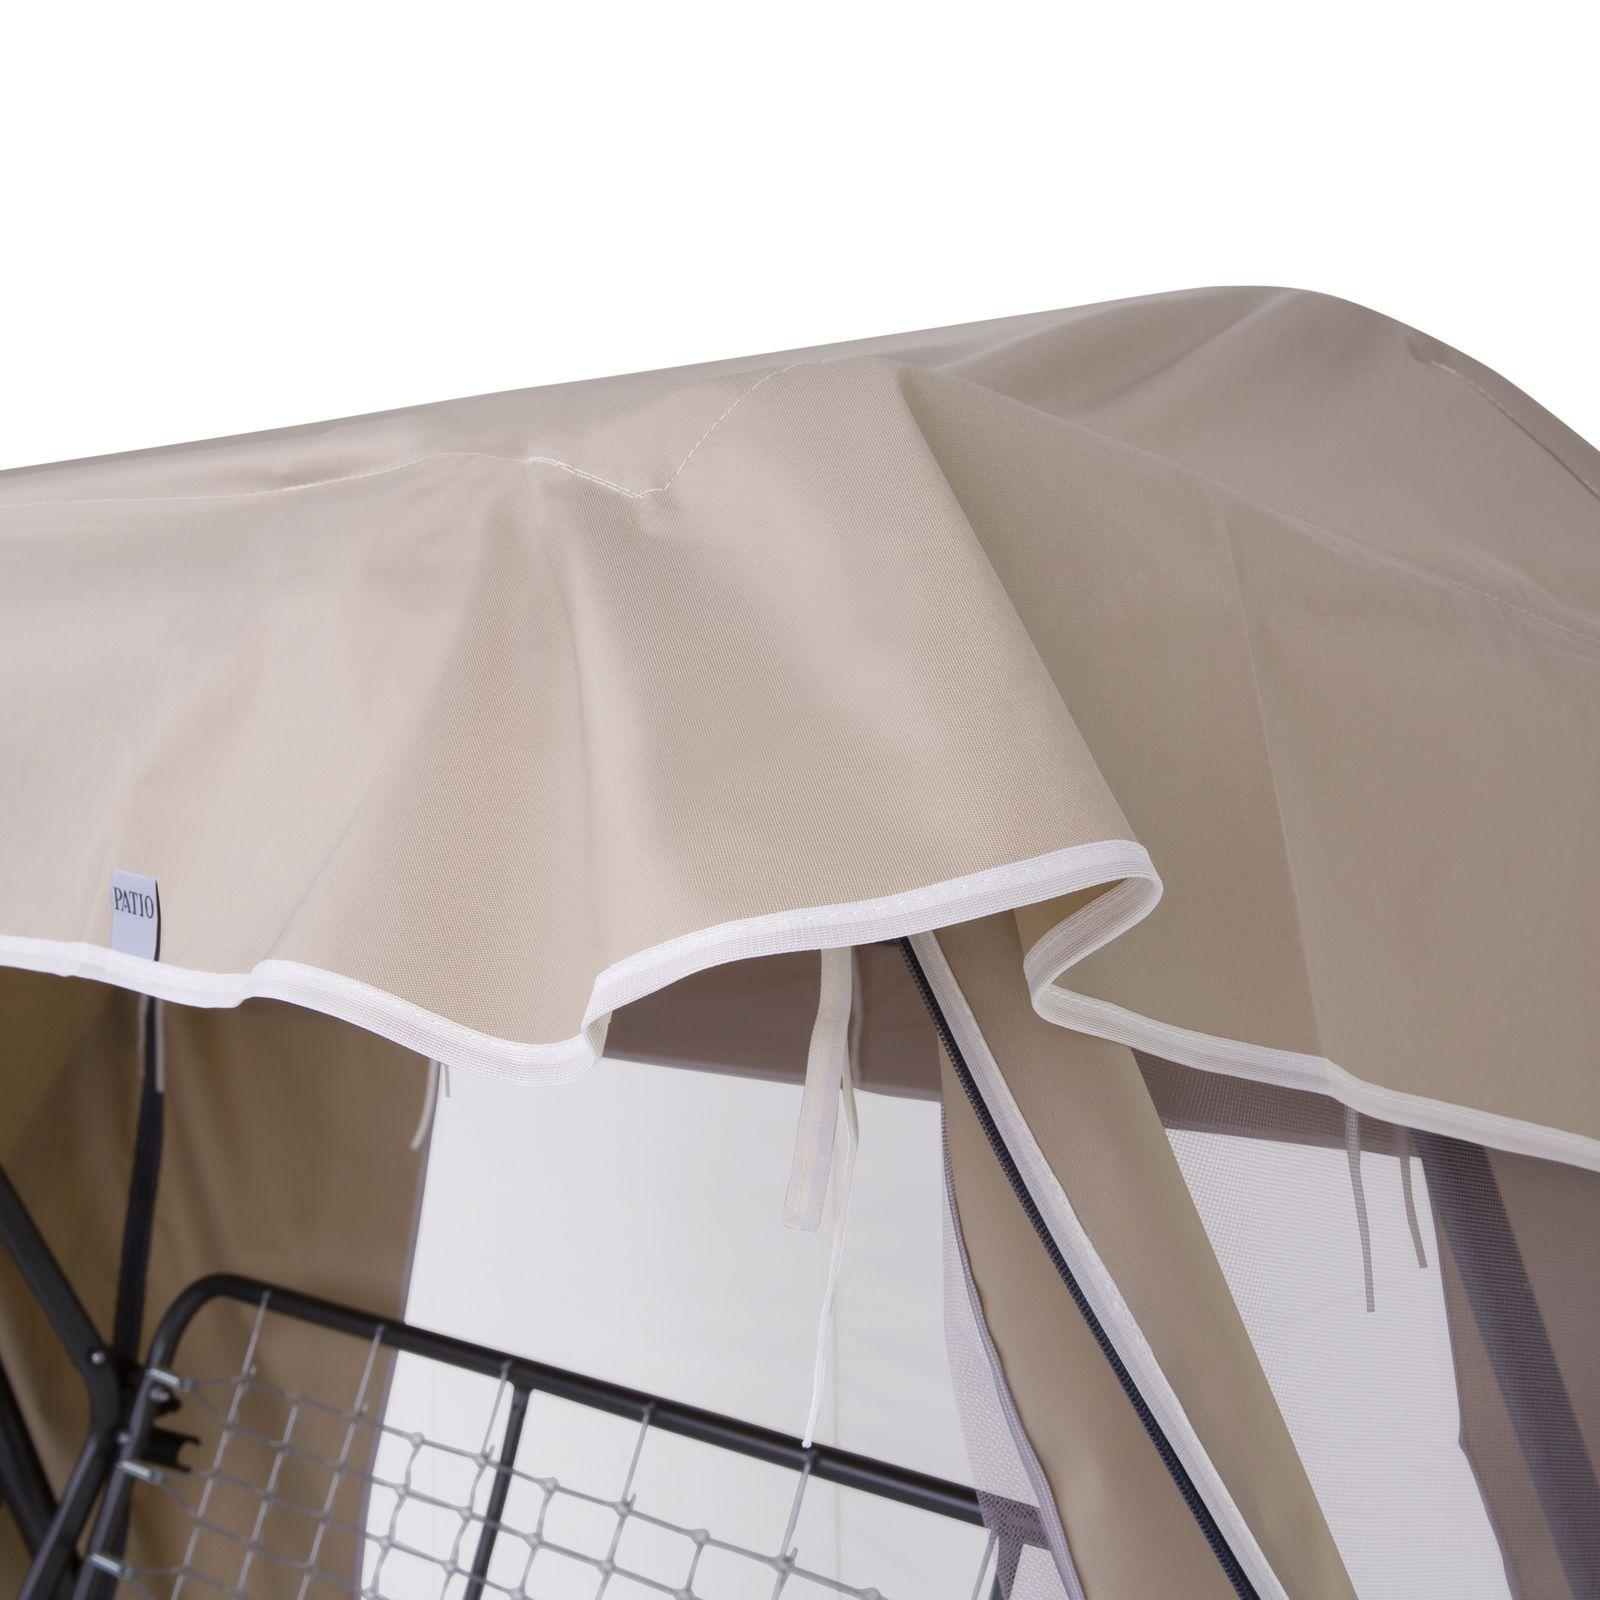 Dach z moskitierą do huśtawki ogrodowej 228 x 126 cm Rimini / Venezia cappucino D031-15CW PATIO